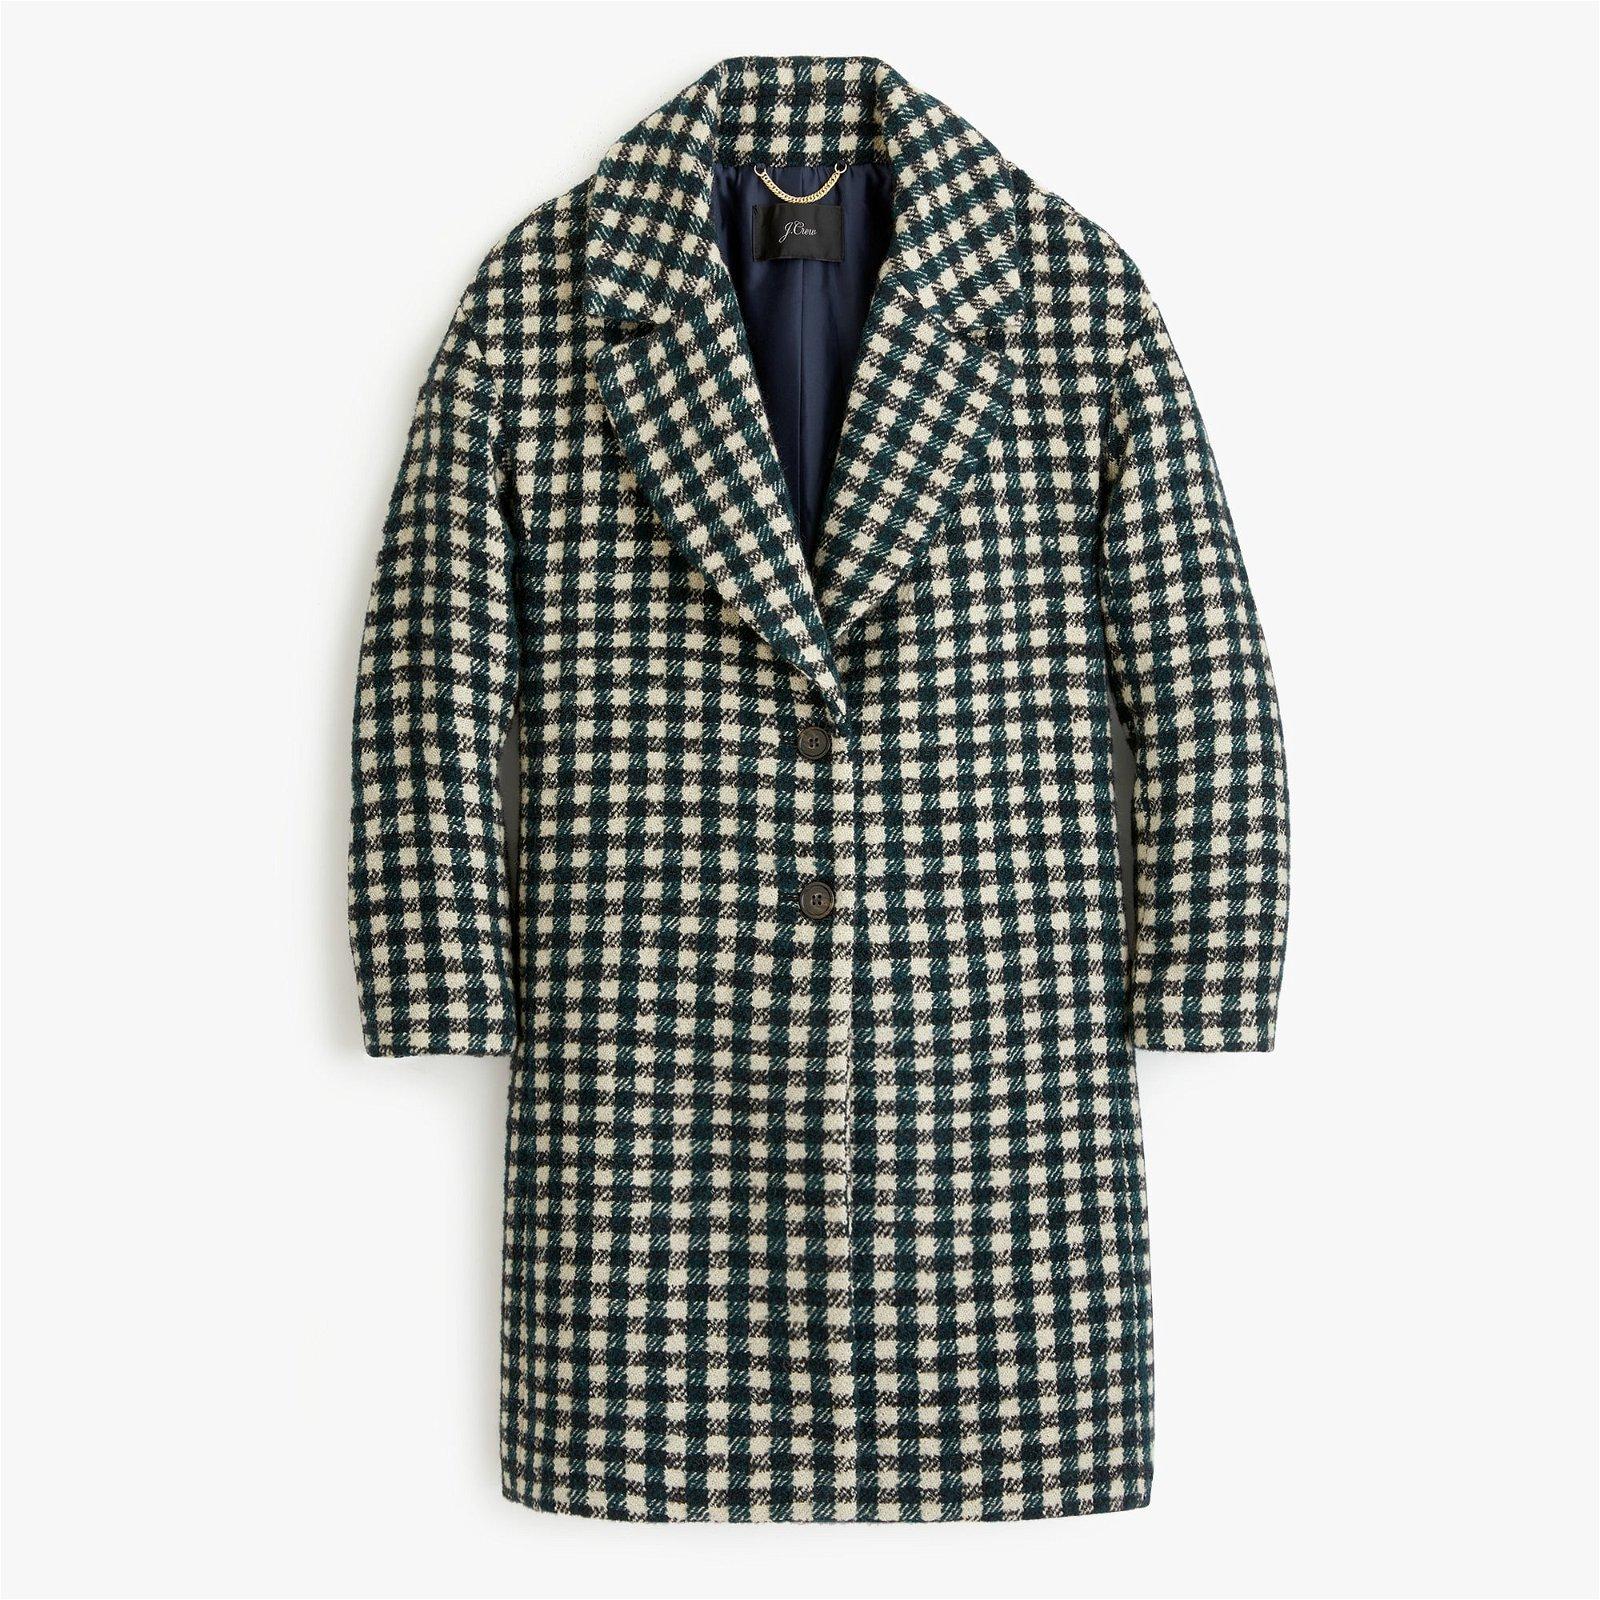 Oversized topcoat in check tweed